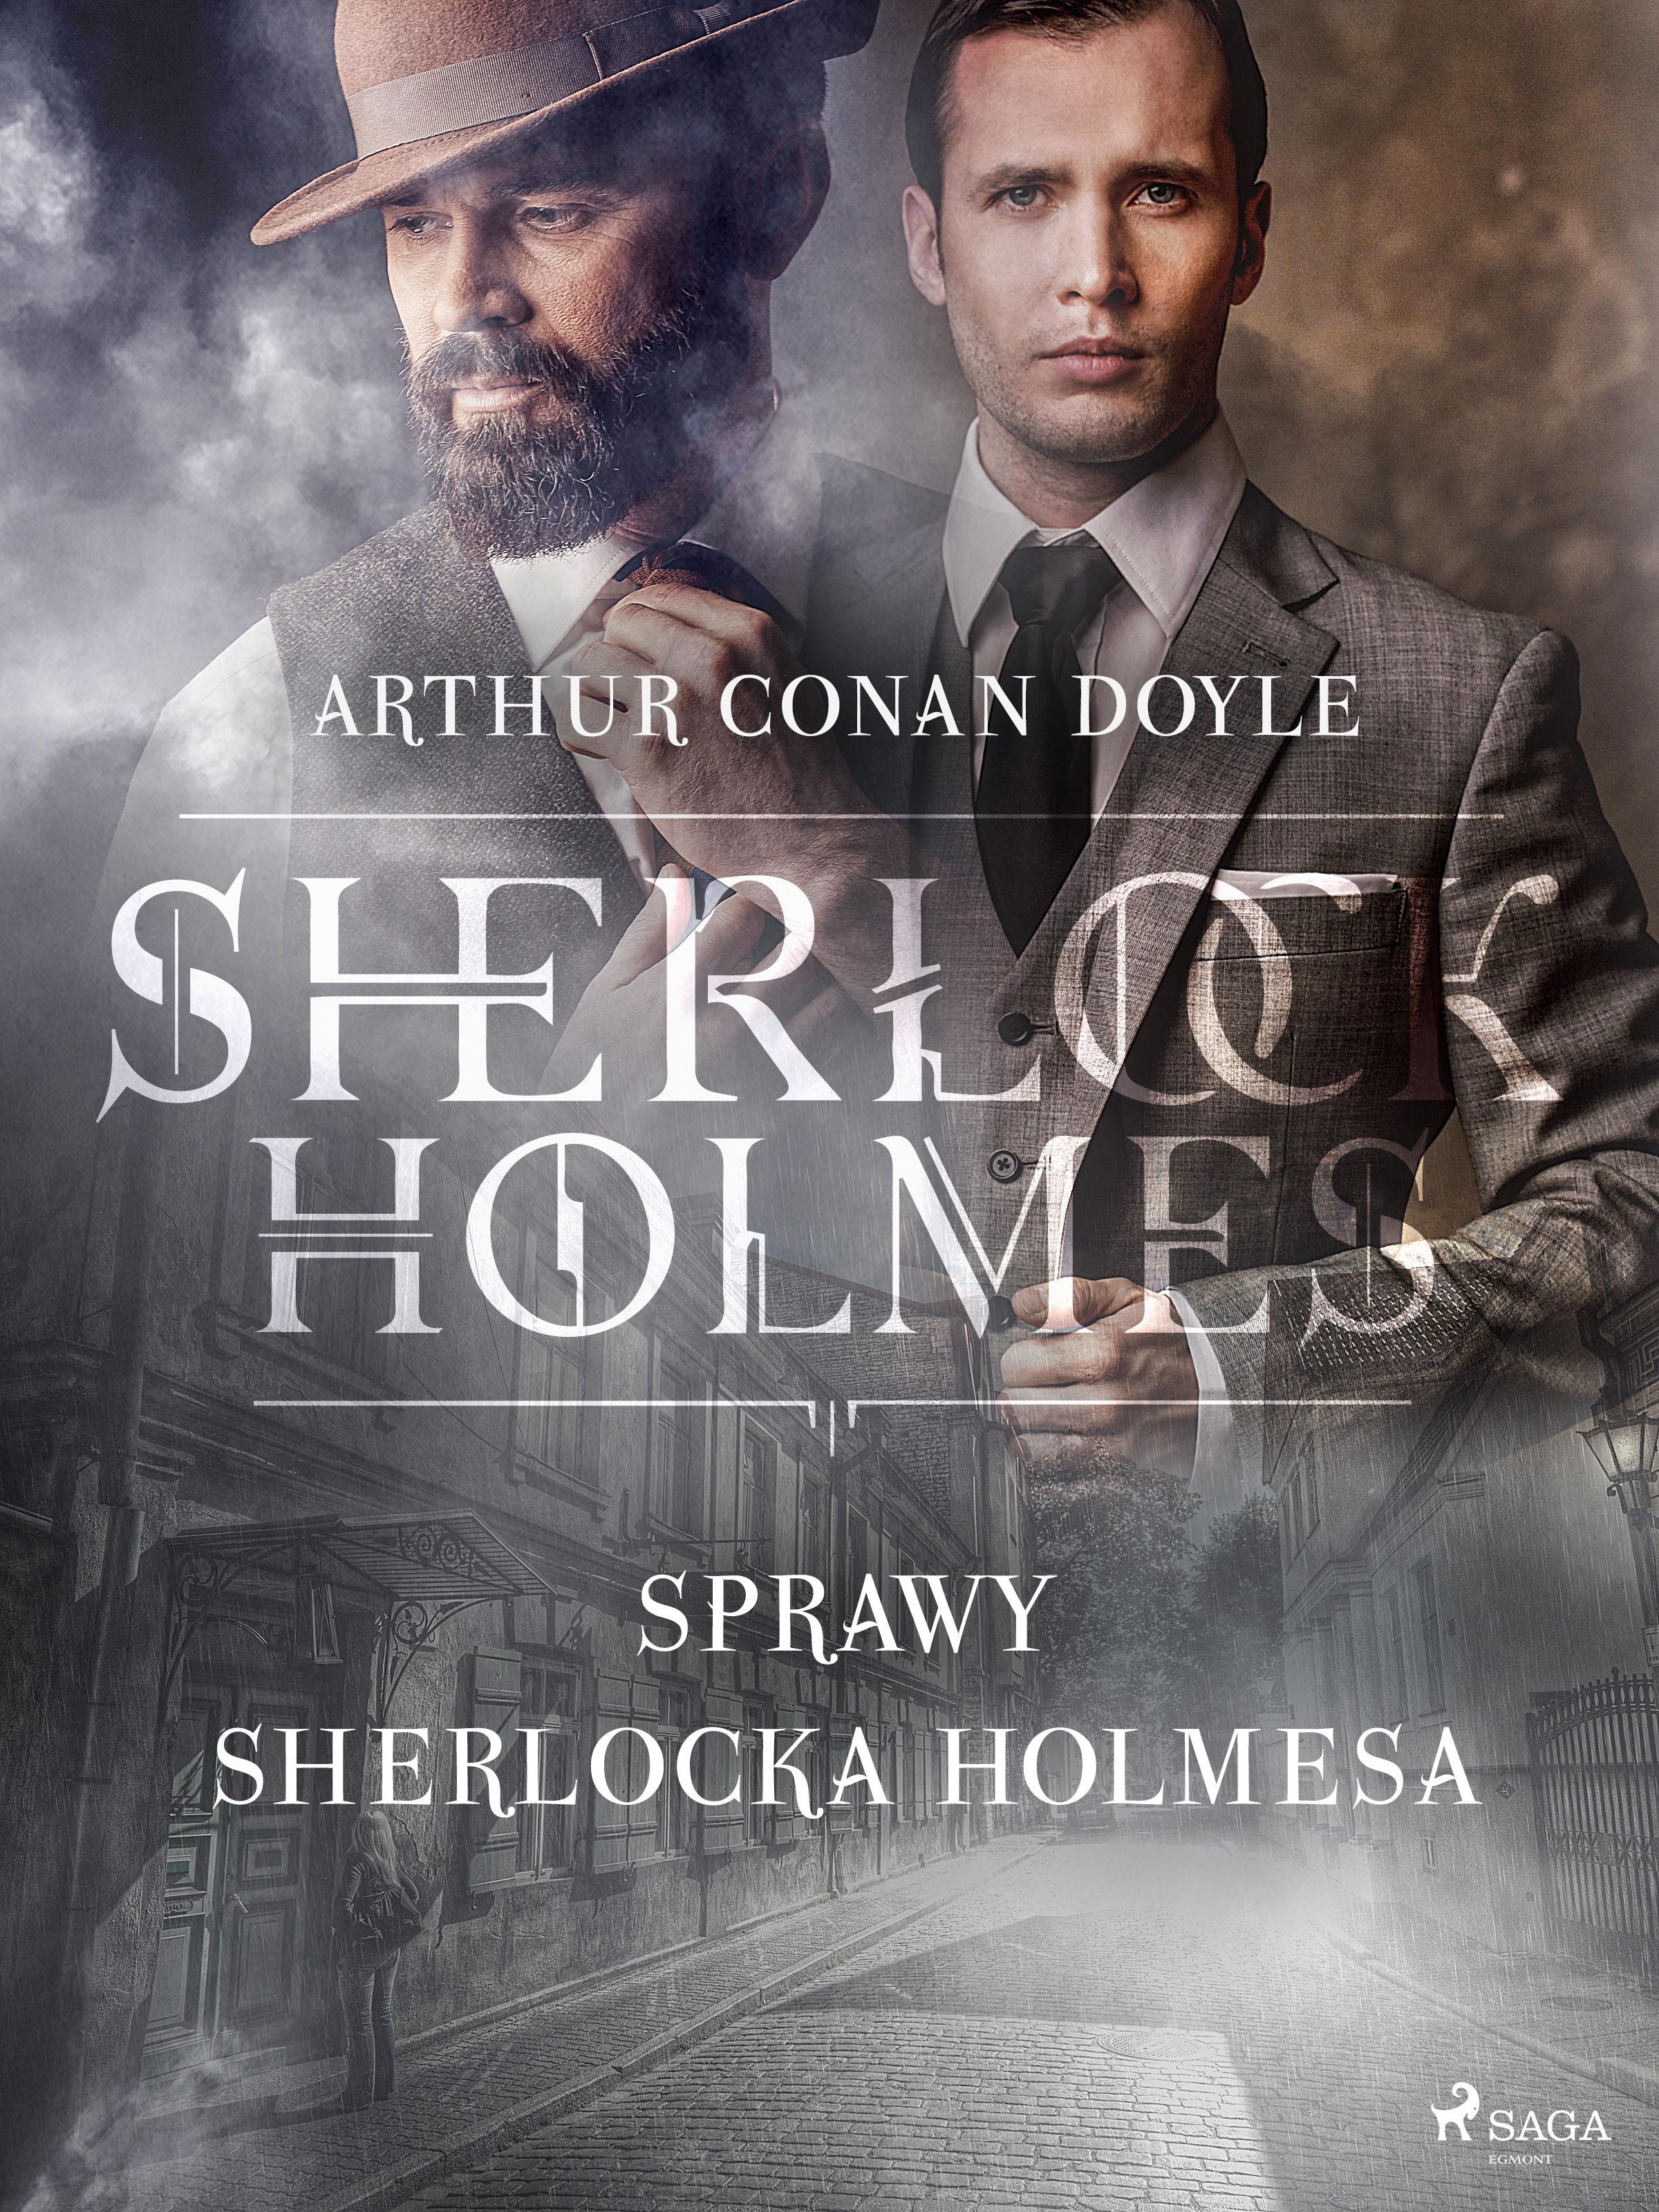 Sprawy Sherlocka Holmesa - Arthur Conan Doyle - ebook